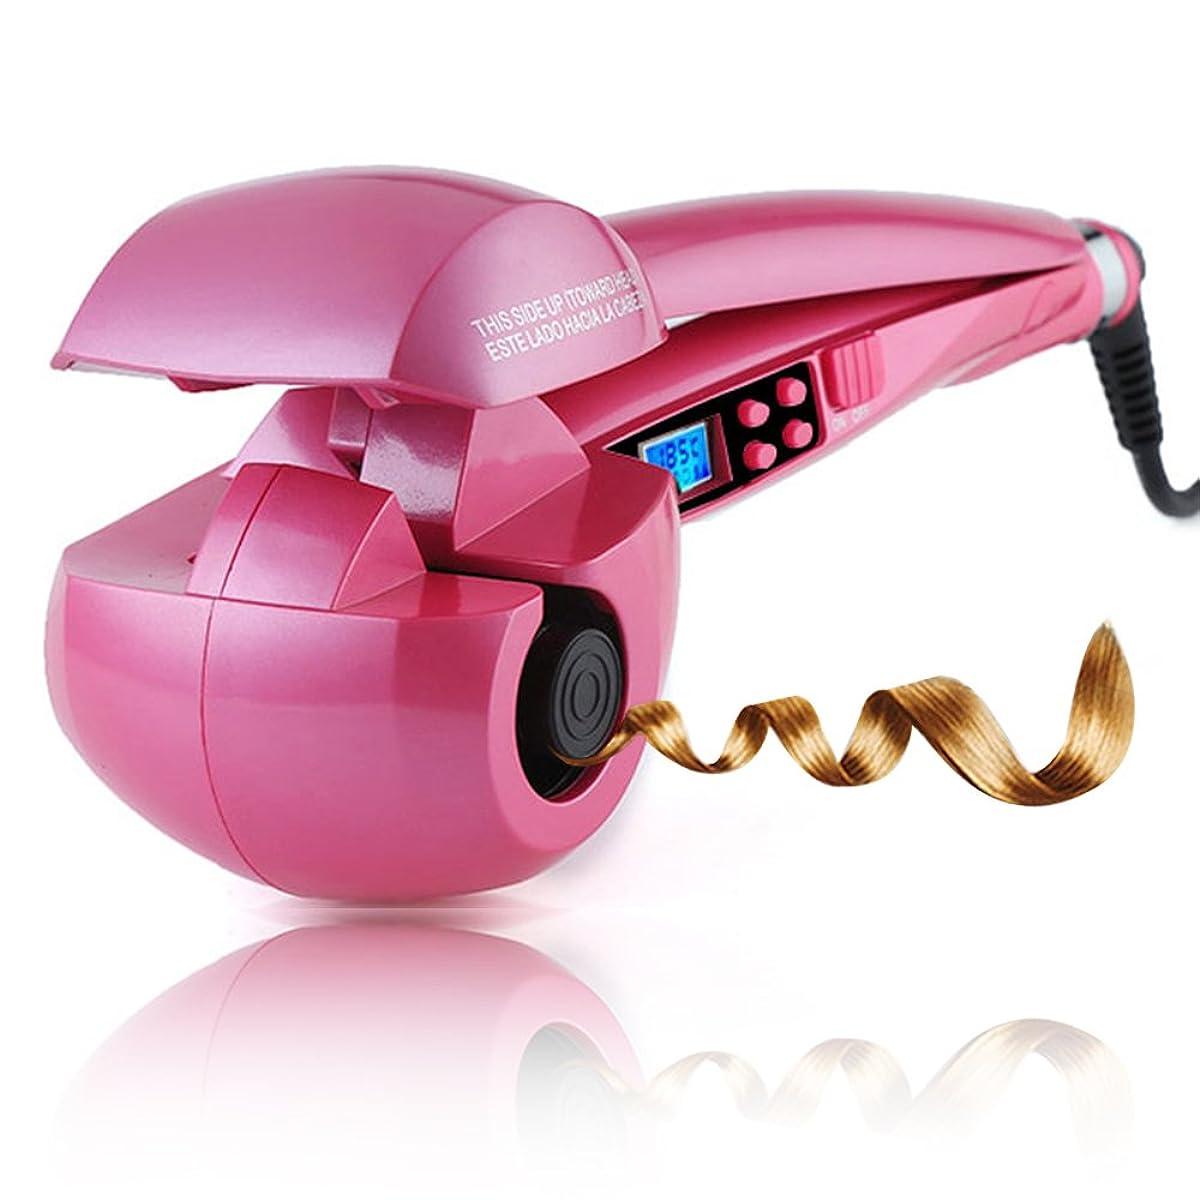 ゆるいサスペンションギャンブルMEIKOU オートカール ヘアアイロン 8秒自動巻き ミラカール 日本語取扱説明書付き (ピンク)